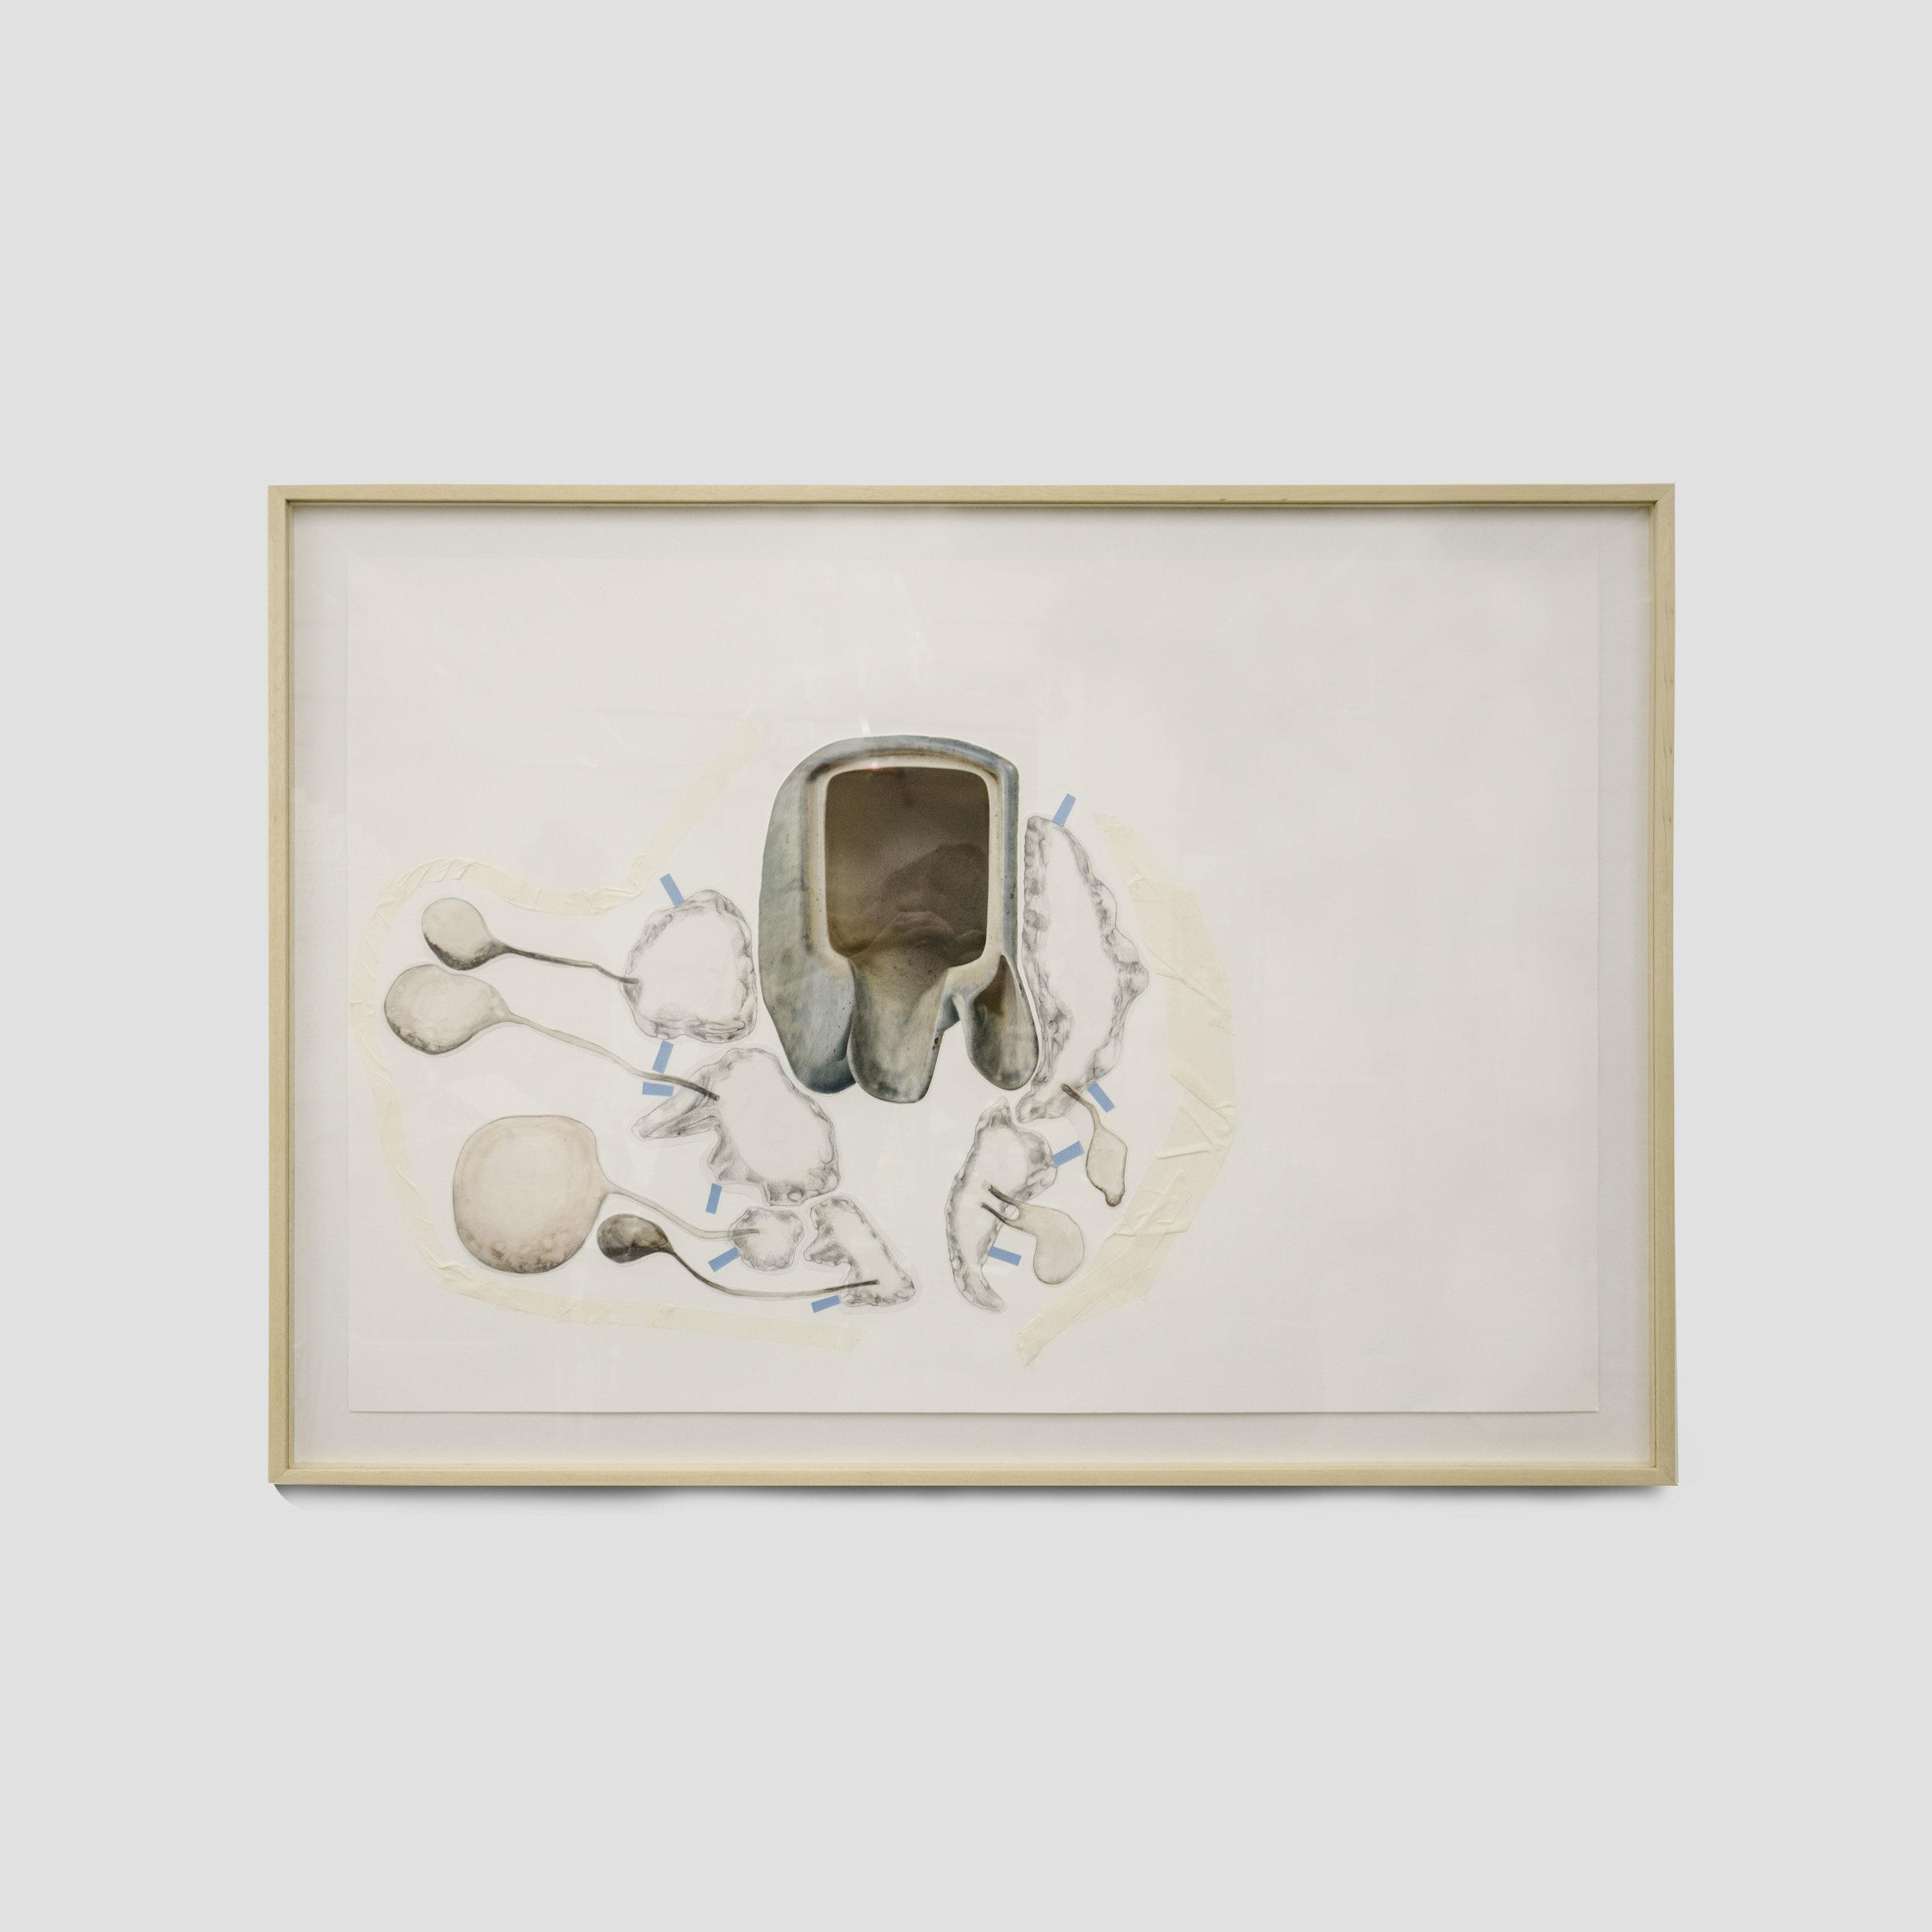 toda palavra tem uma gruta dentro de si #4,  2016  impressao sobre papel de algodão, grafite, marcador, fita adesiva, fita dupla face e papel vegetal  66 x 96 cm